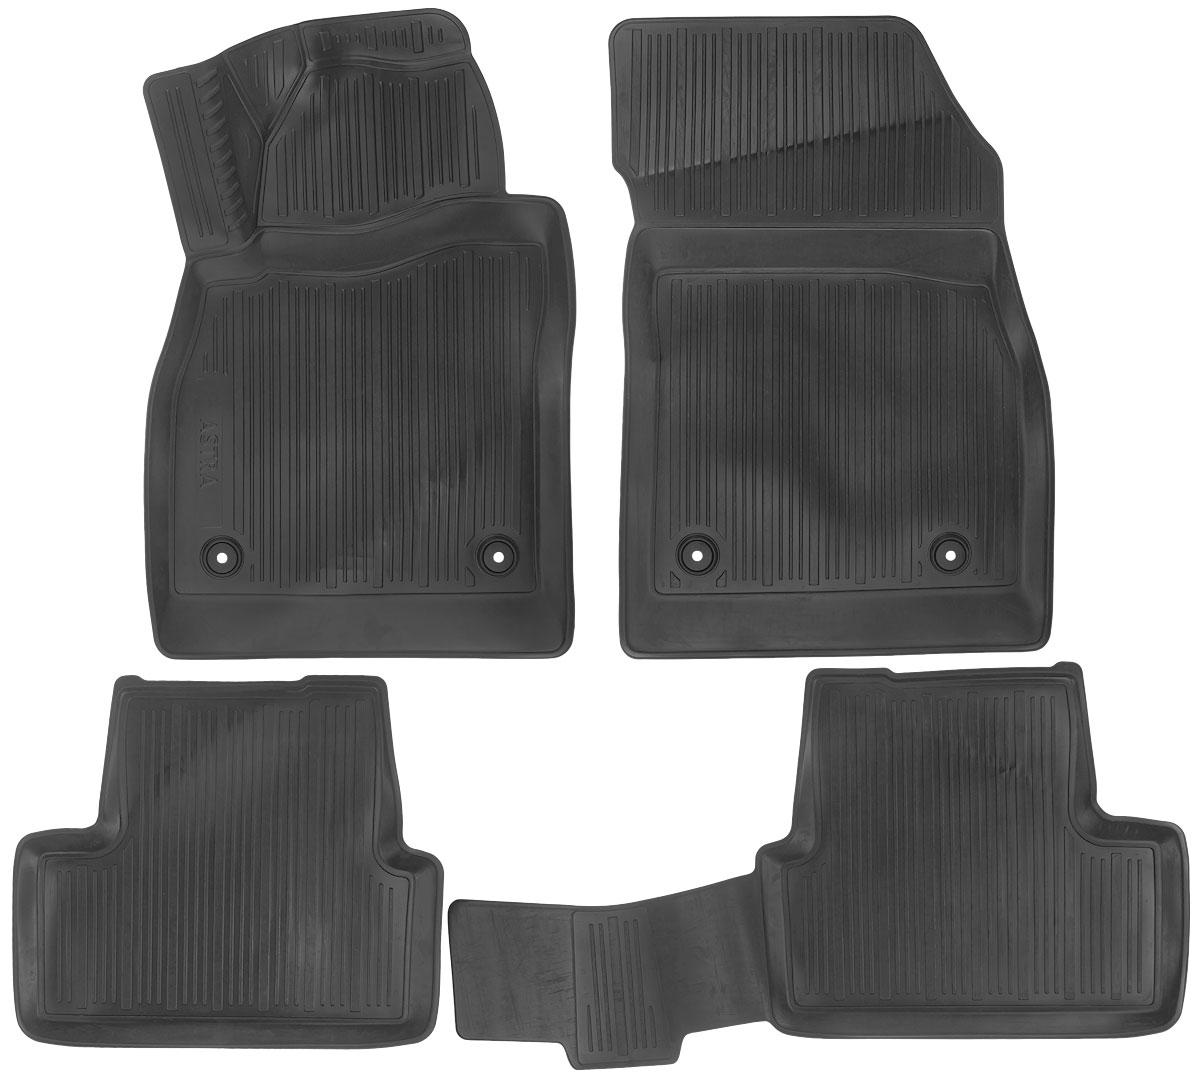 Набор автомобильных ковриков L.Locker Opel Astra J Hatchback 2009, в салон, 4 шт0211010101Набор L.Locker Opel Astra J Hatchback 2009, изготовленный из полиуретана, состоит из 4 антискользящих 3D ковриков, которые производятся индивидуально для каждой модели автомобиля. Изделие точно повторяет геометрию пола автомобиля, имеет высокий борт, обладает повышенной износоустойчивостью, лишено резкого запаха и сохраняет свои потребительские свойства в широком диапазоне температур от -50°С до +50°С. Комплектация: 4 шт. Размер ковриков: 80 см х 53 см; 53 см х 45,5 см; 93 см х 46 см; 81 см х 53 см.